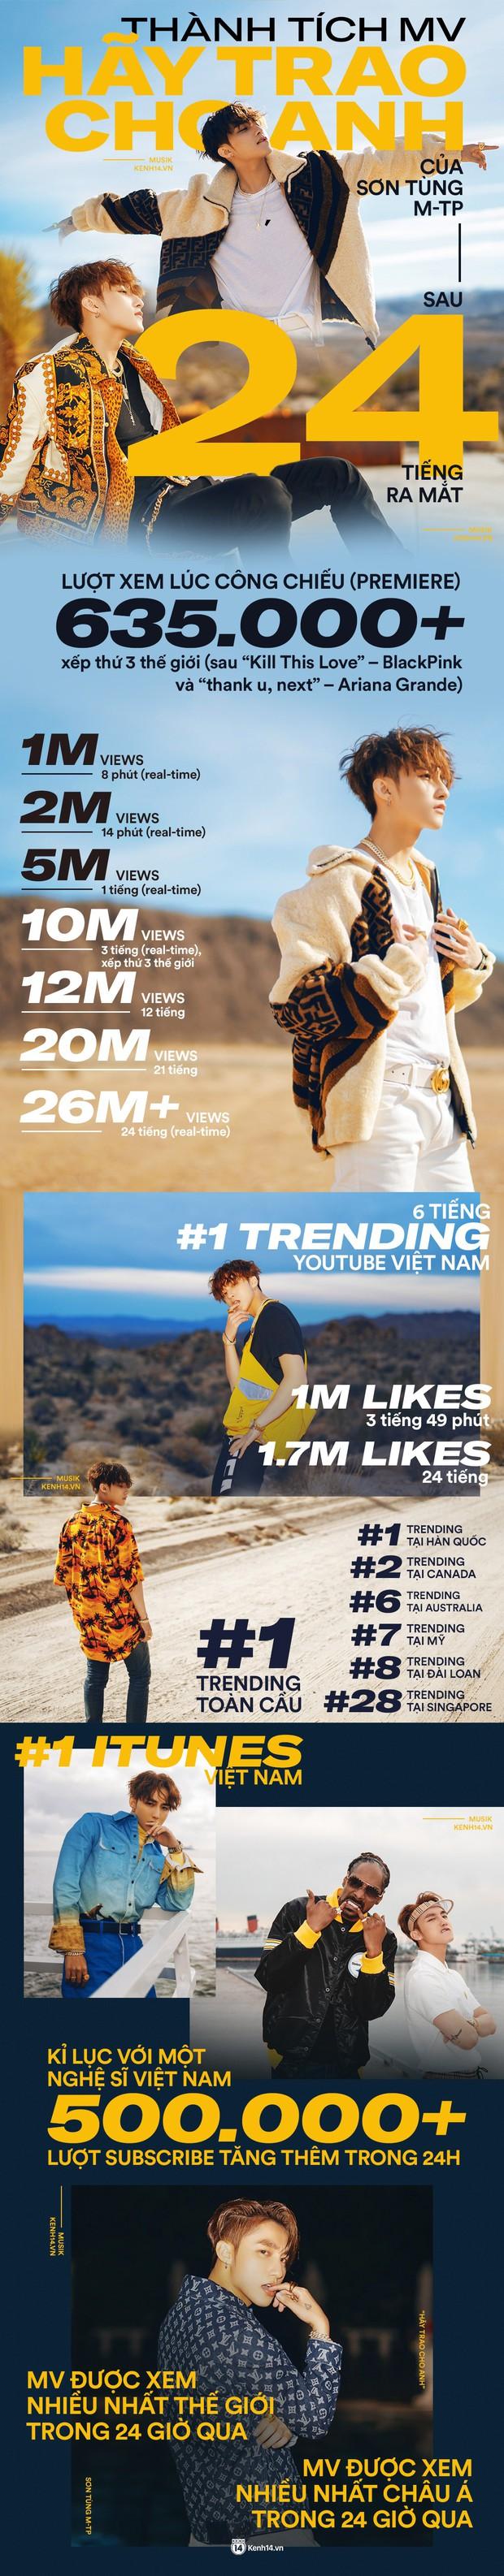 Sơn Tùng M-TP lập kỉ lục chưa từng có trong lịch sử: Hãy Trao Cho Anh hiên ngang đạt top 1 trending Youtube Hàn Quốc! - Ảnh 3.